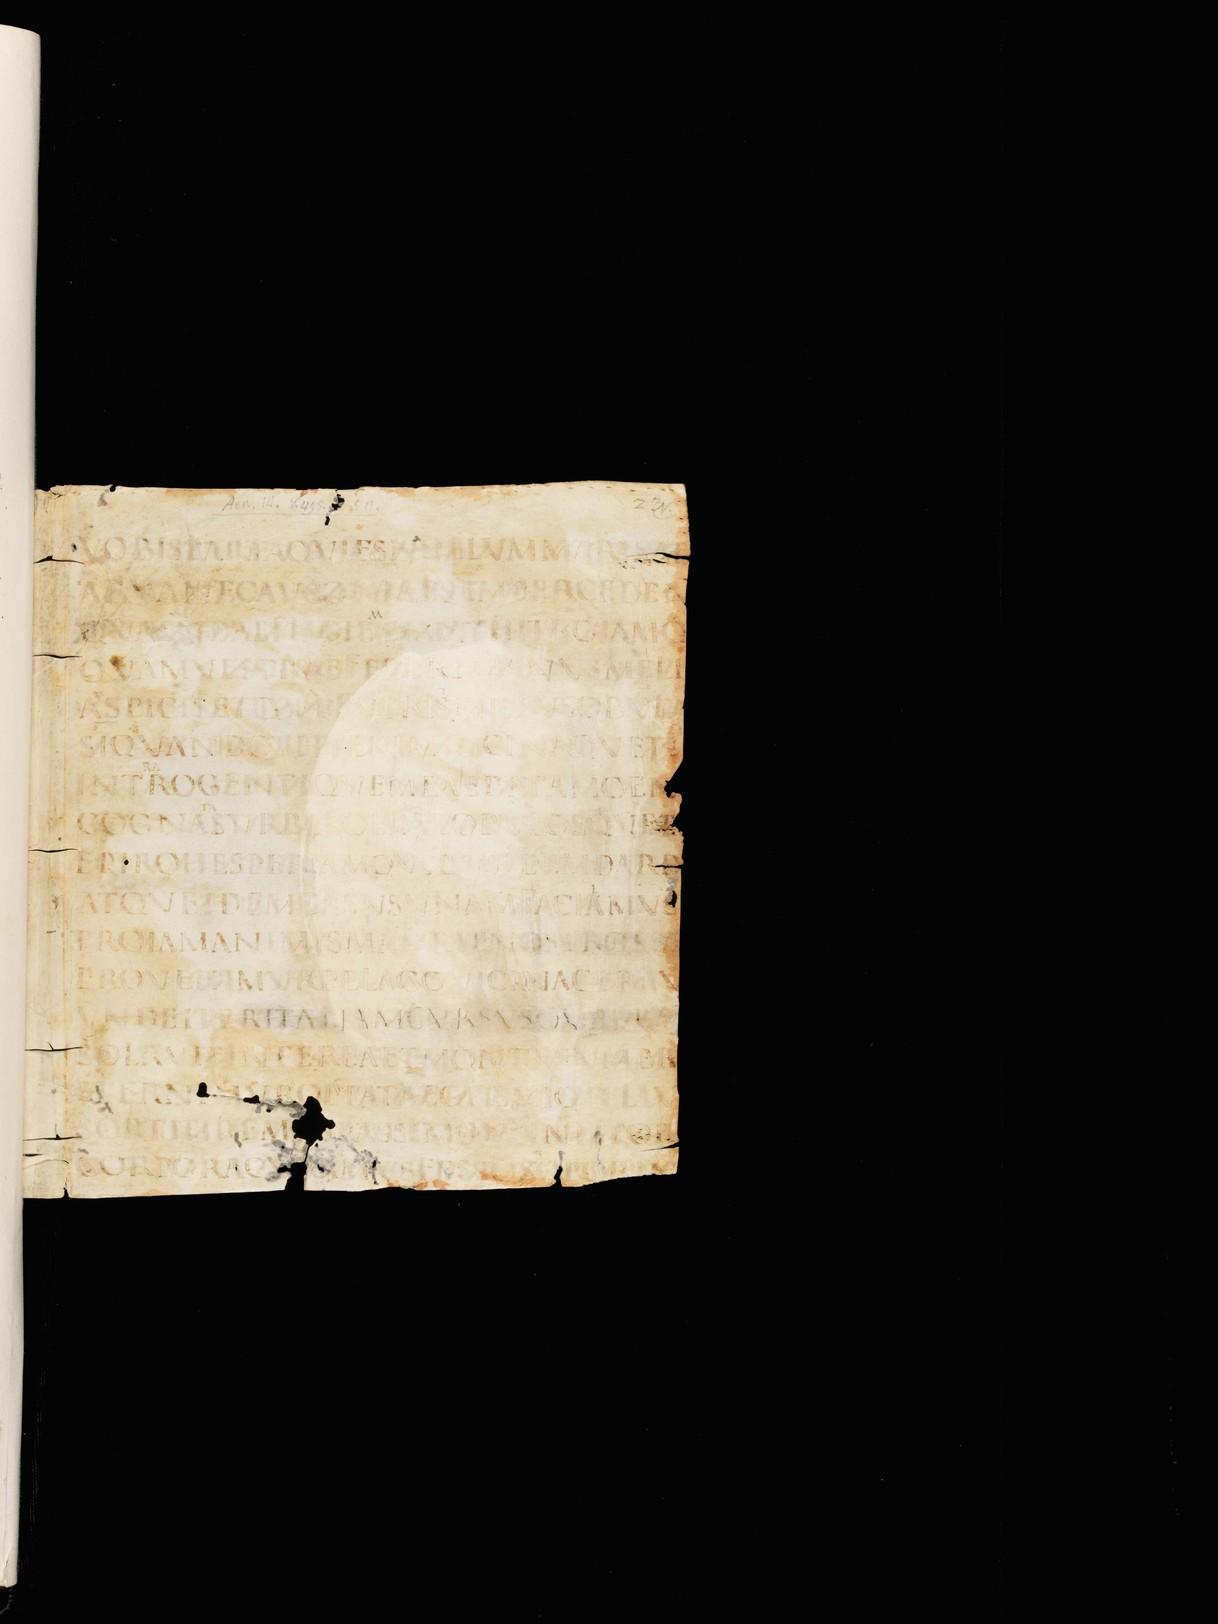 Cod. Sang. 1394, p. 23